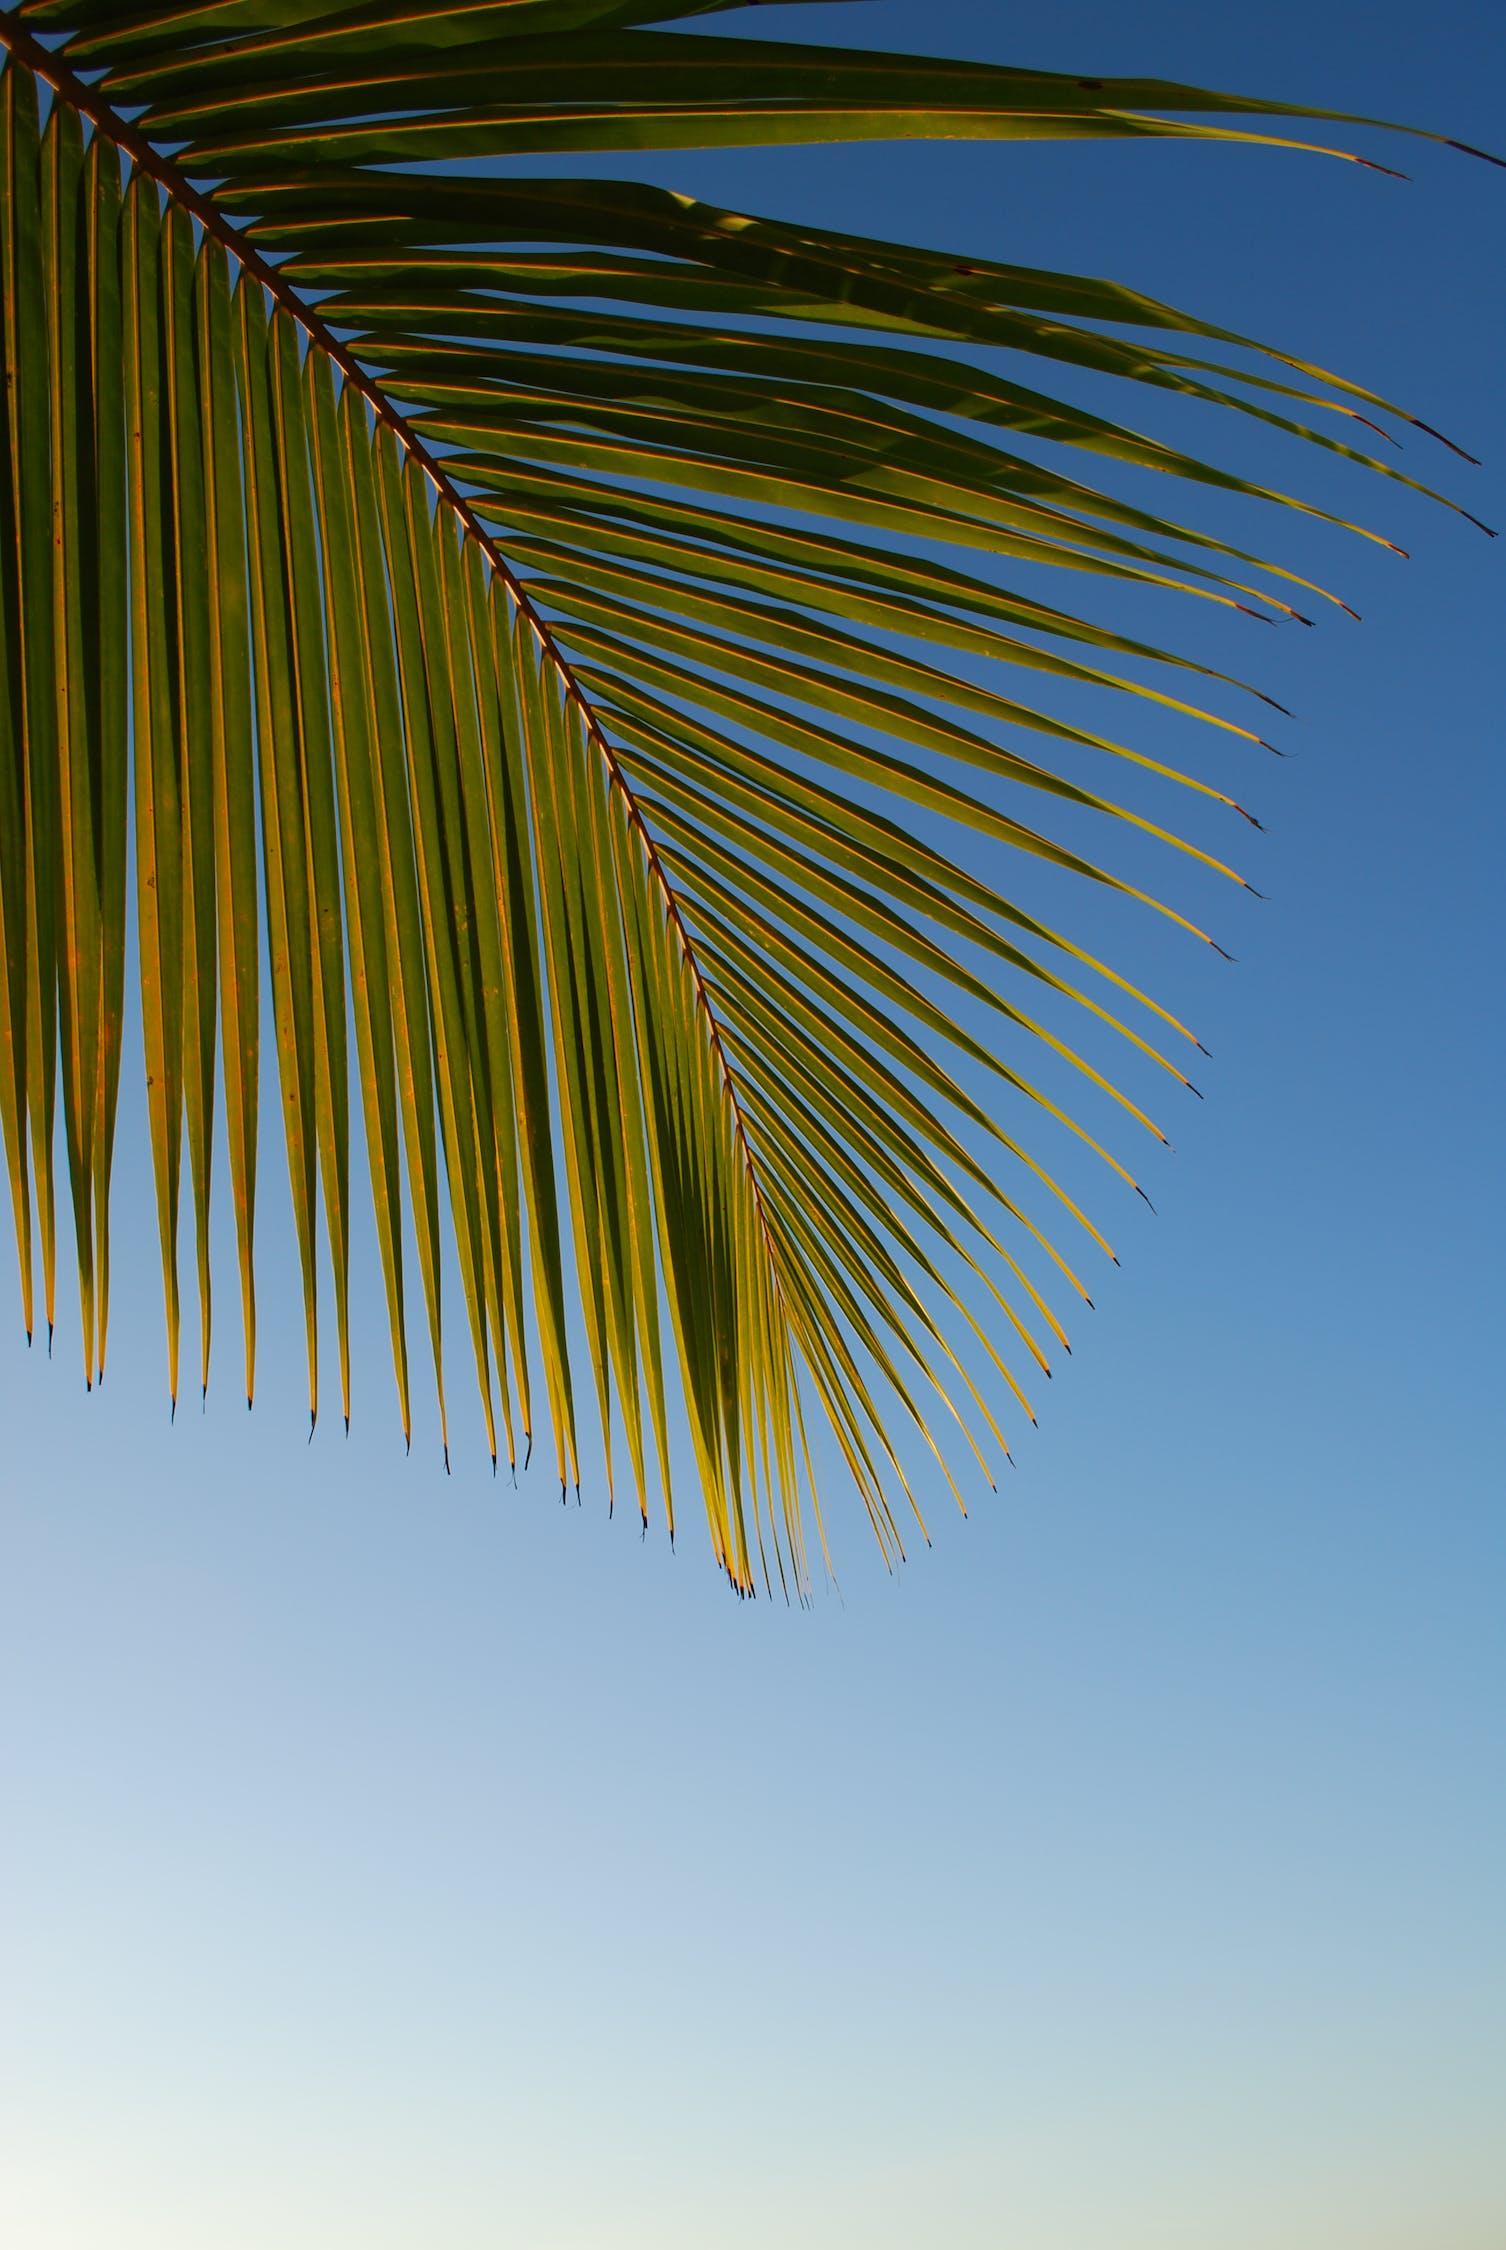 棕榈树的样子 棕榈树叶子图片